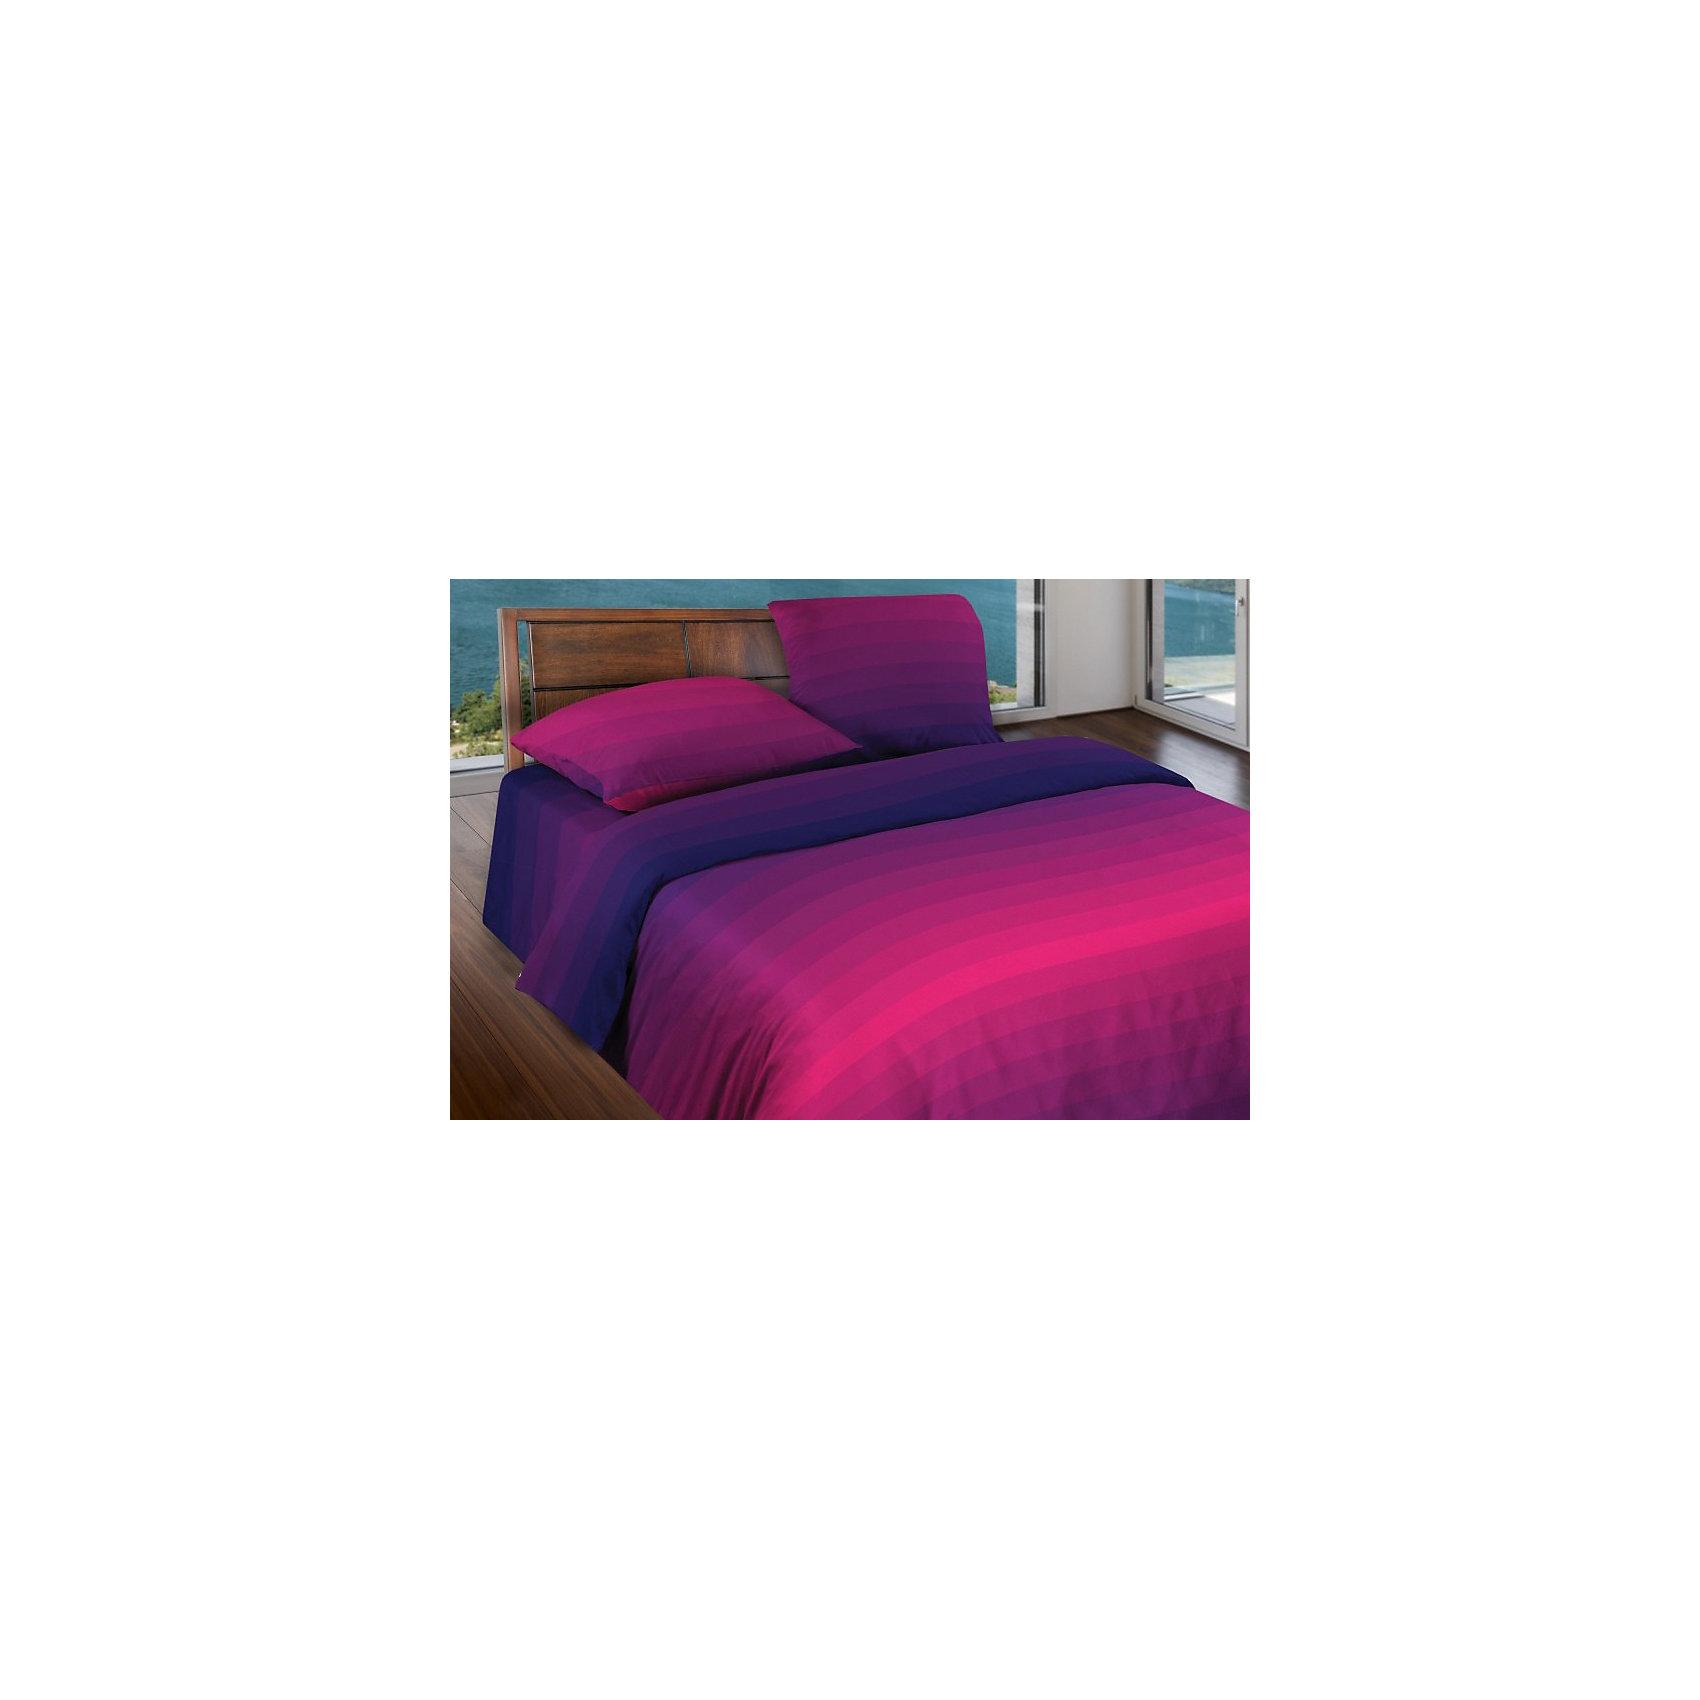 Постельное белье 2,0 сп. Flow Purple БИО Комфорт, Wenge MotionДомашний текстиль<br>Характеристики 2-хспального комплекта постельного белья   Flow Purple  БИО Комфорт, Wenge Motion:<br><br>- производитель: Неотек<br>- материал: бязь<br>- состав: 100% хлопок<br>- размер комплекта: двуспальный<br>- размер пододеяльника: 215*175 см.<br>- размер простыни: 220*240 см.<br>- размер наволочек: 70*70 (2 шт)<br>- упаковка комплекта: книжка пвх<br>- страна бренда: Россия<br>- страна производитель: Россия<br><br>2-хспальный комплект  постельного белья   Flow Purple  цвета фуксии серии Wenge Motion выполнен  из улучшенной ткани БИОкомфорт полотняного переплетения это 100% натуральный  хлопок. Ткань - приятная и мягкая на ощупь, имеет ровную и гладкую поверхность, на которой значительно лучше смотрится качество и яркость печати рисунка. Ткань - экологически чистая и гипоаллергенная, не теряет яркости при стирке.<br><br>Комплекта постельного белья   Flow Purple  серии Wenge Motion можно купить в нашем интернет-магазине.<br><br>Ширина мм: 370<br>Глубина мм: 70<br>Высота мм: 370<br>Вес г: 2100<br>Возраст от месяцев: 216<br>Возраст до месяцев: 1188<br>Пол: Унисекс<br>Возраст: Детский<br>SKU: 5100129